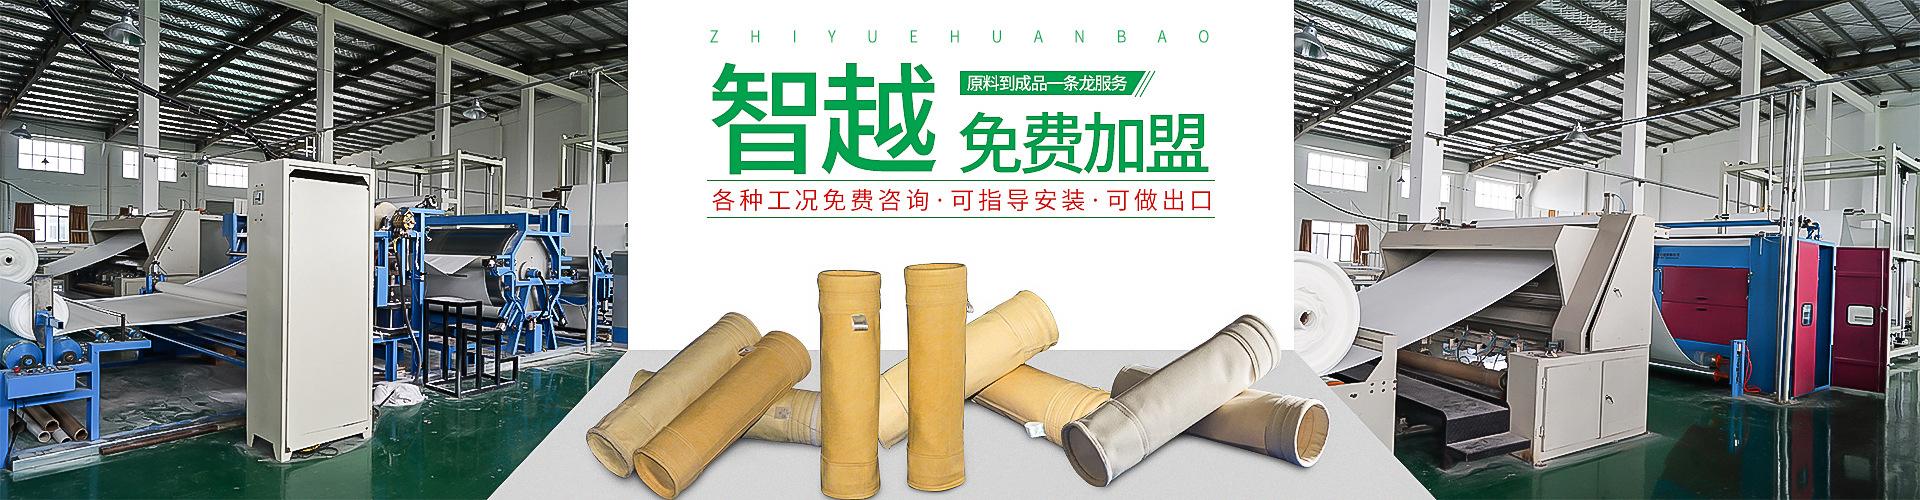 盐城市智越环保科技有限公司海报3